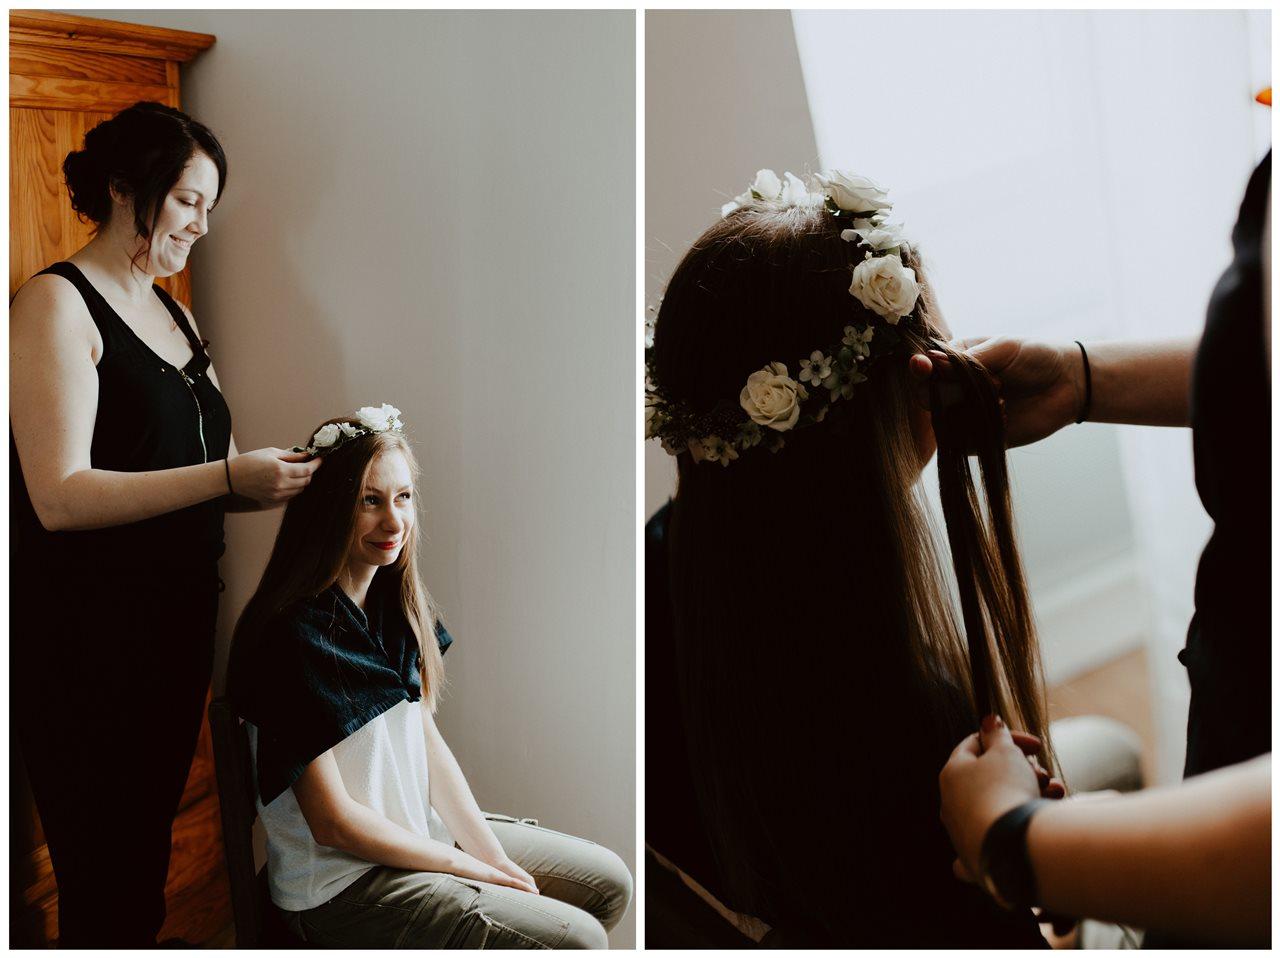 Photographie mariage préparation mariée coiffure